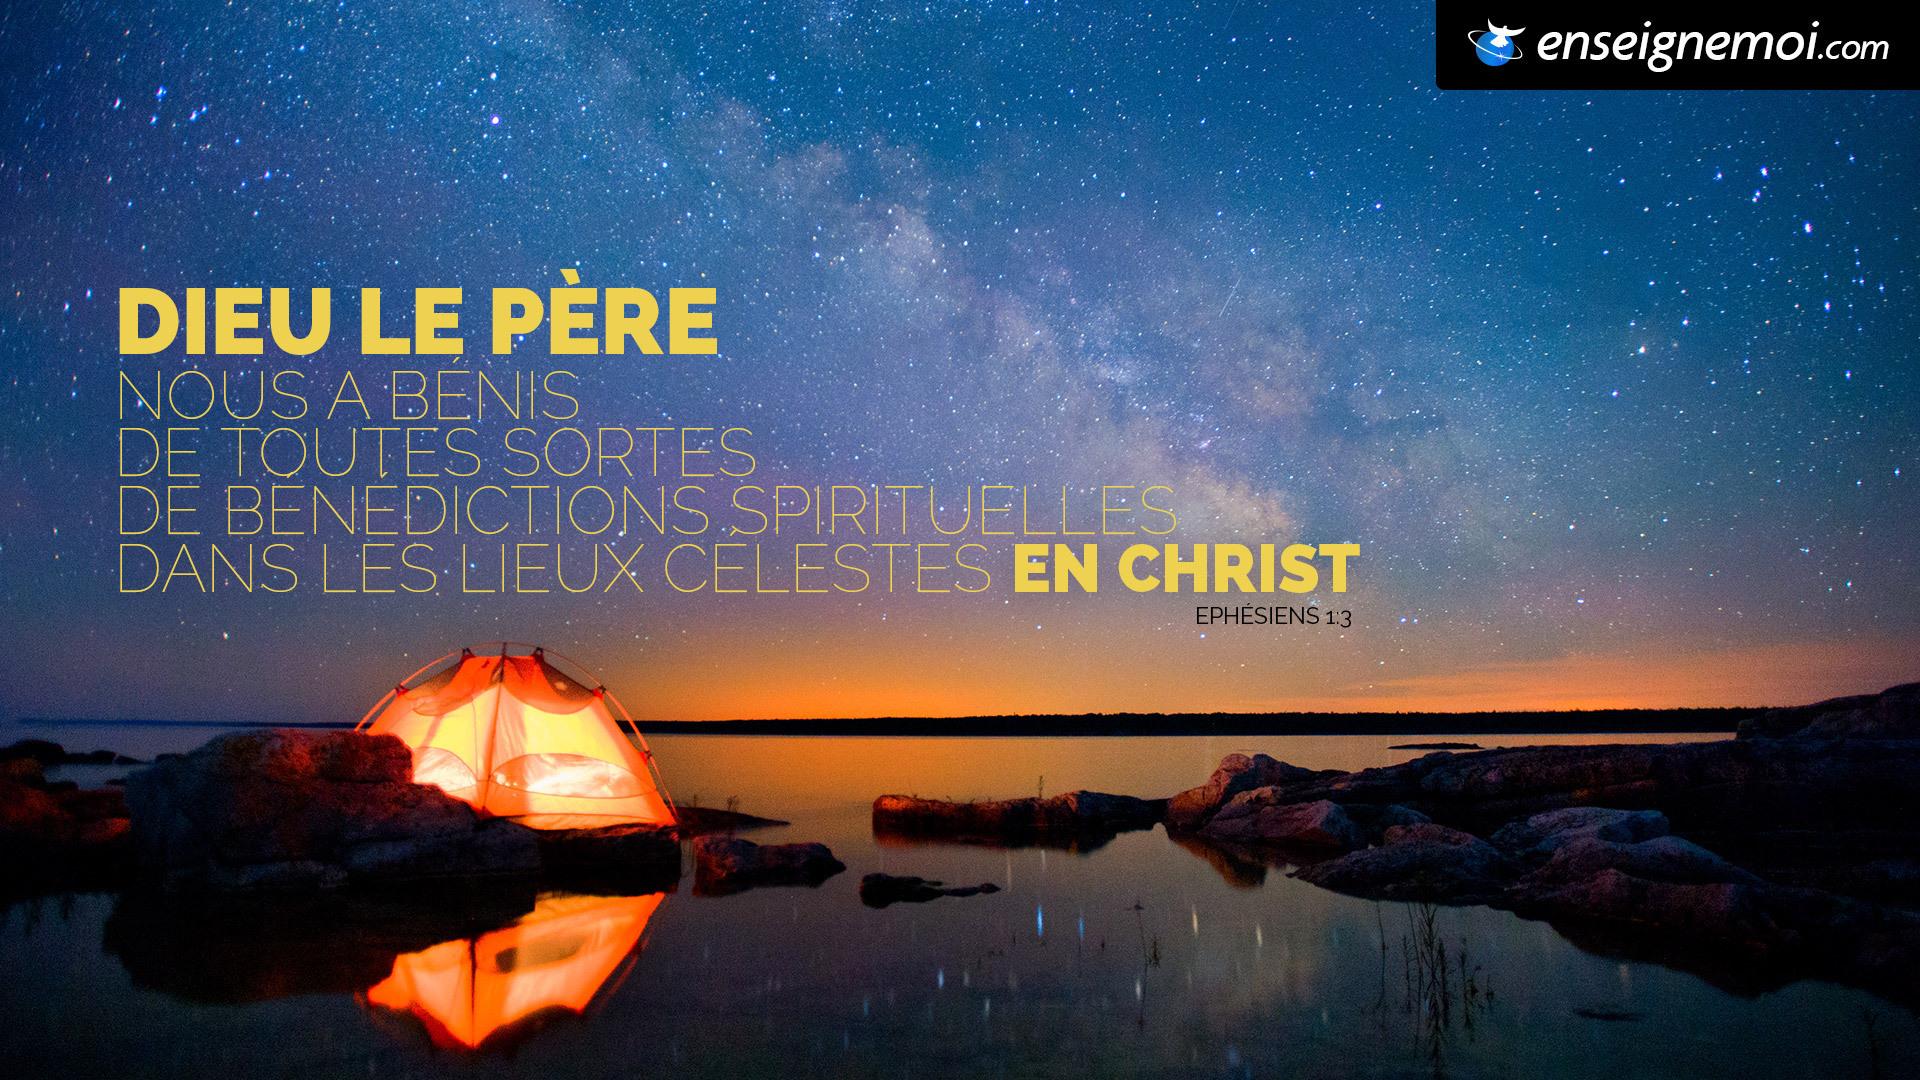 Super Le verset du jour en image :: Bible :: EnseigneMoi KM64